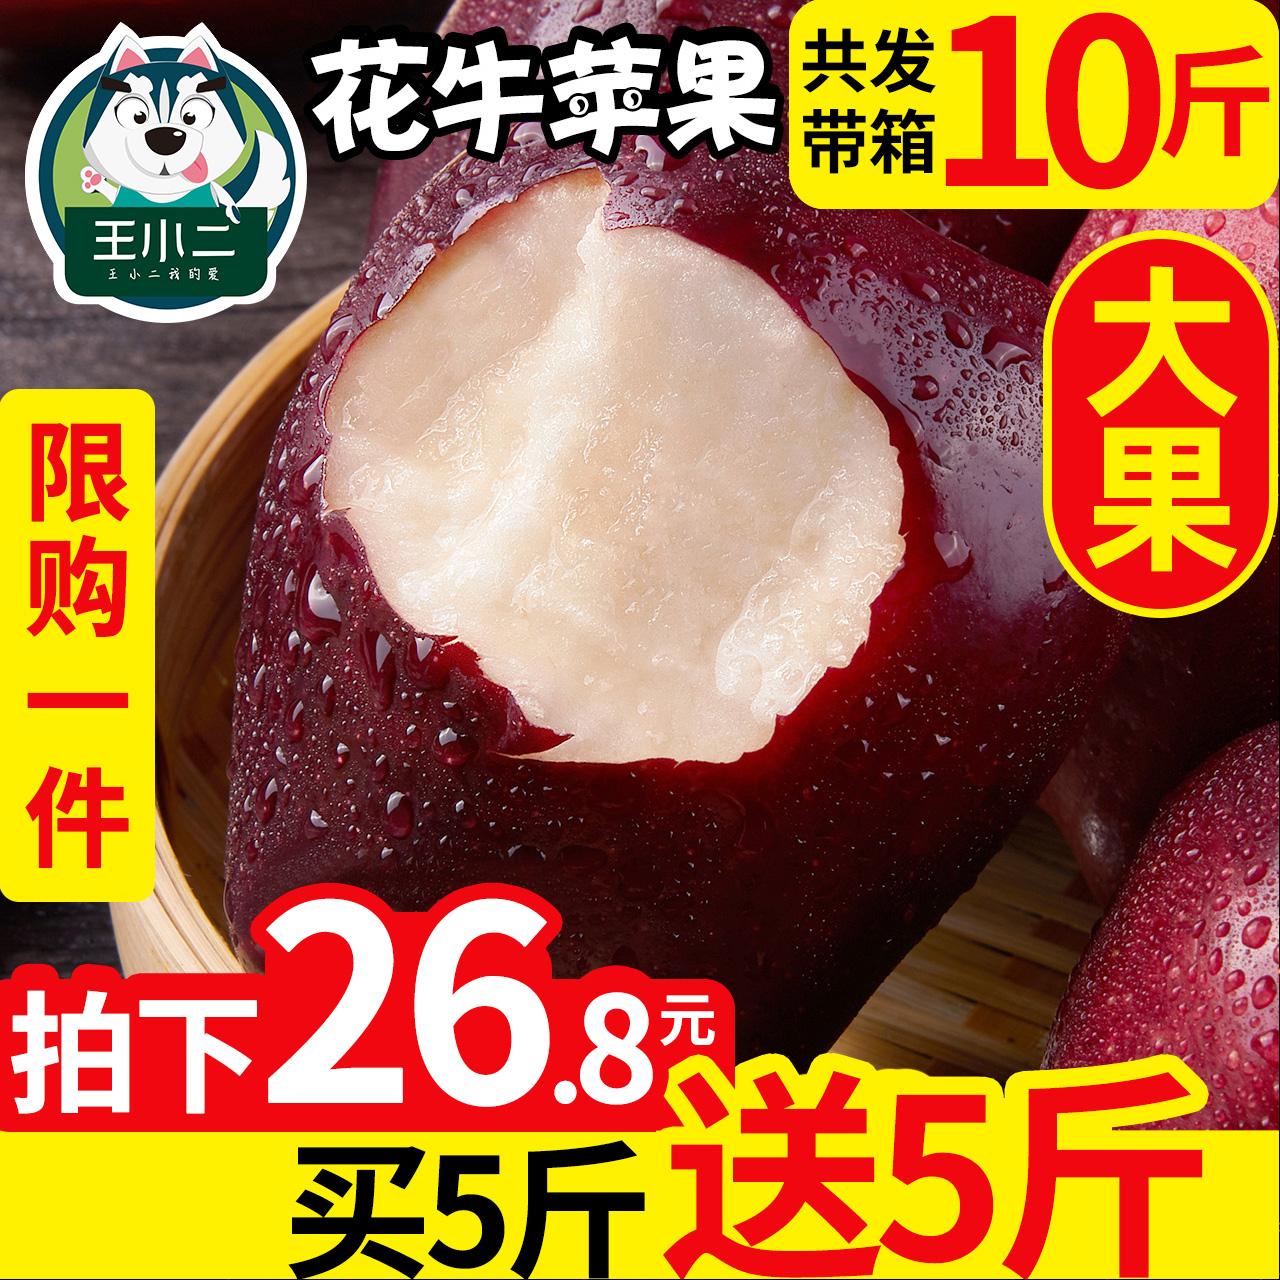 买1送1 甘肃天水花牛苹果当季水果新鲜包邮蛇果平果带箱10斤